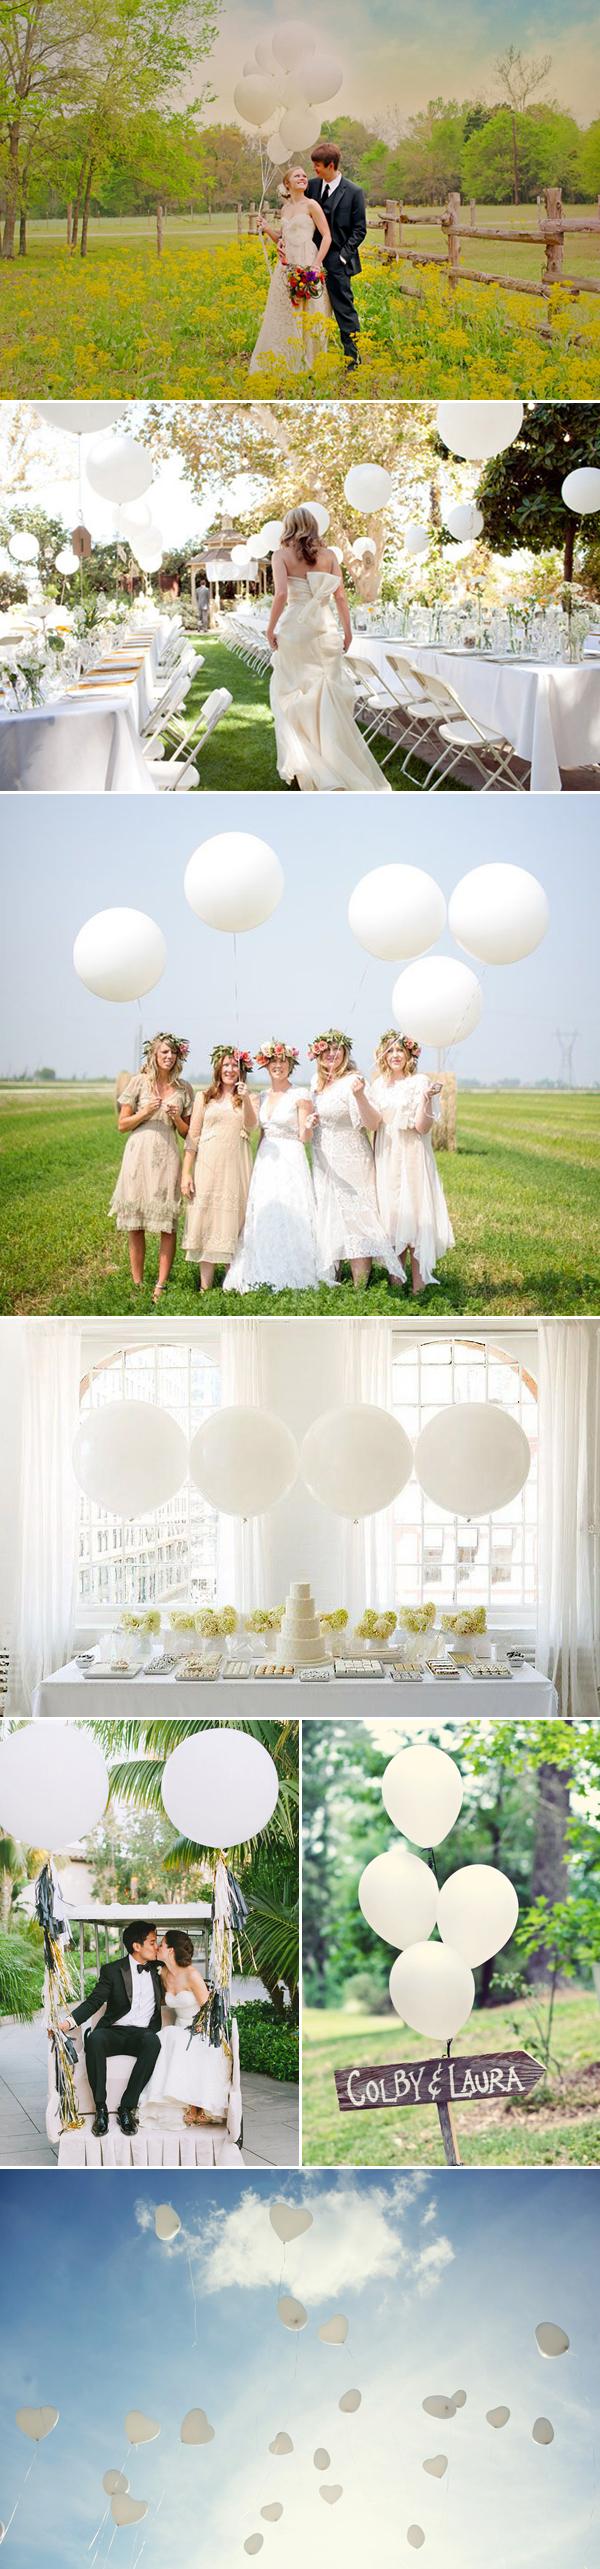 balloons03-white